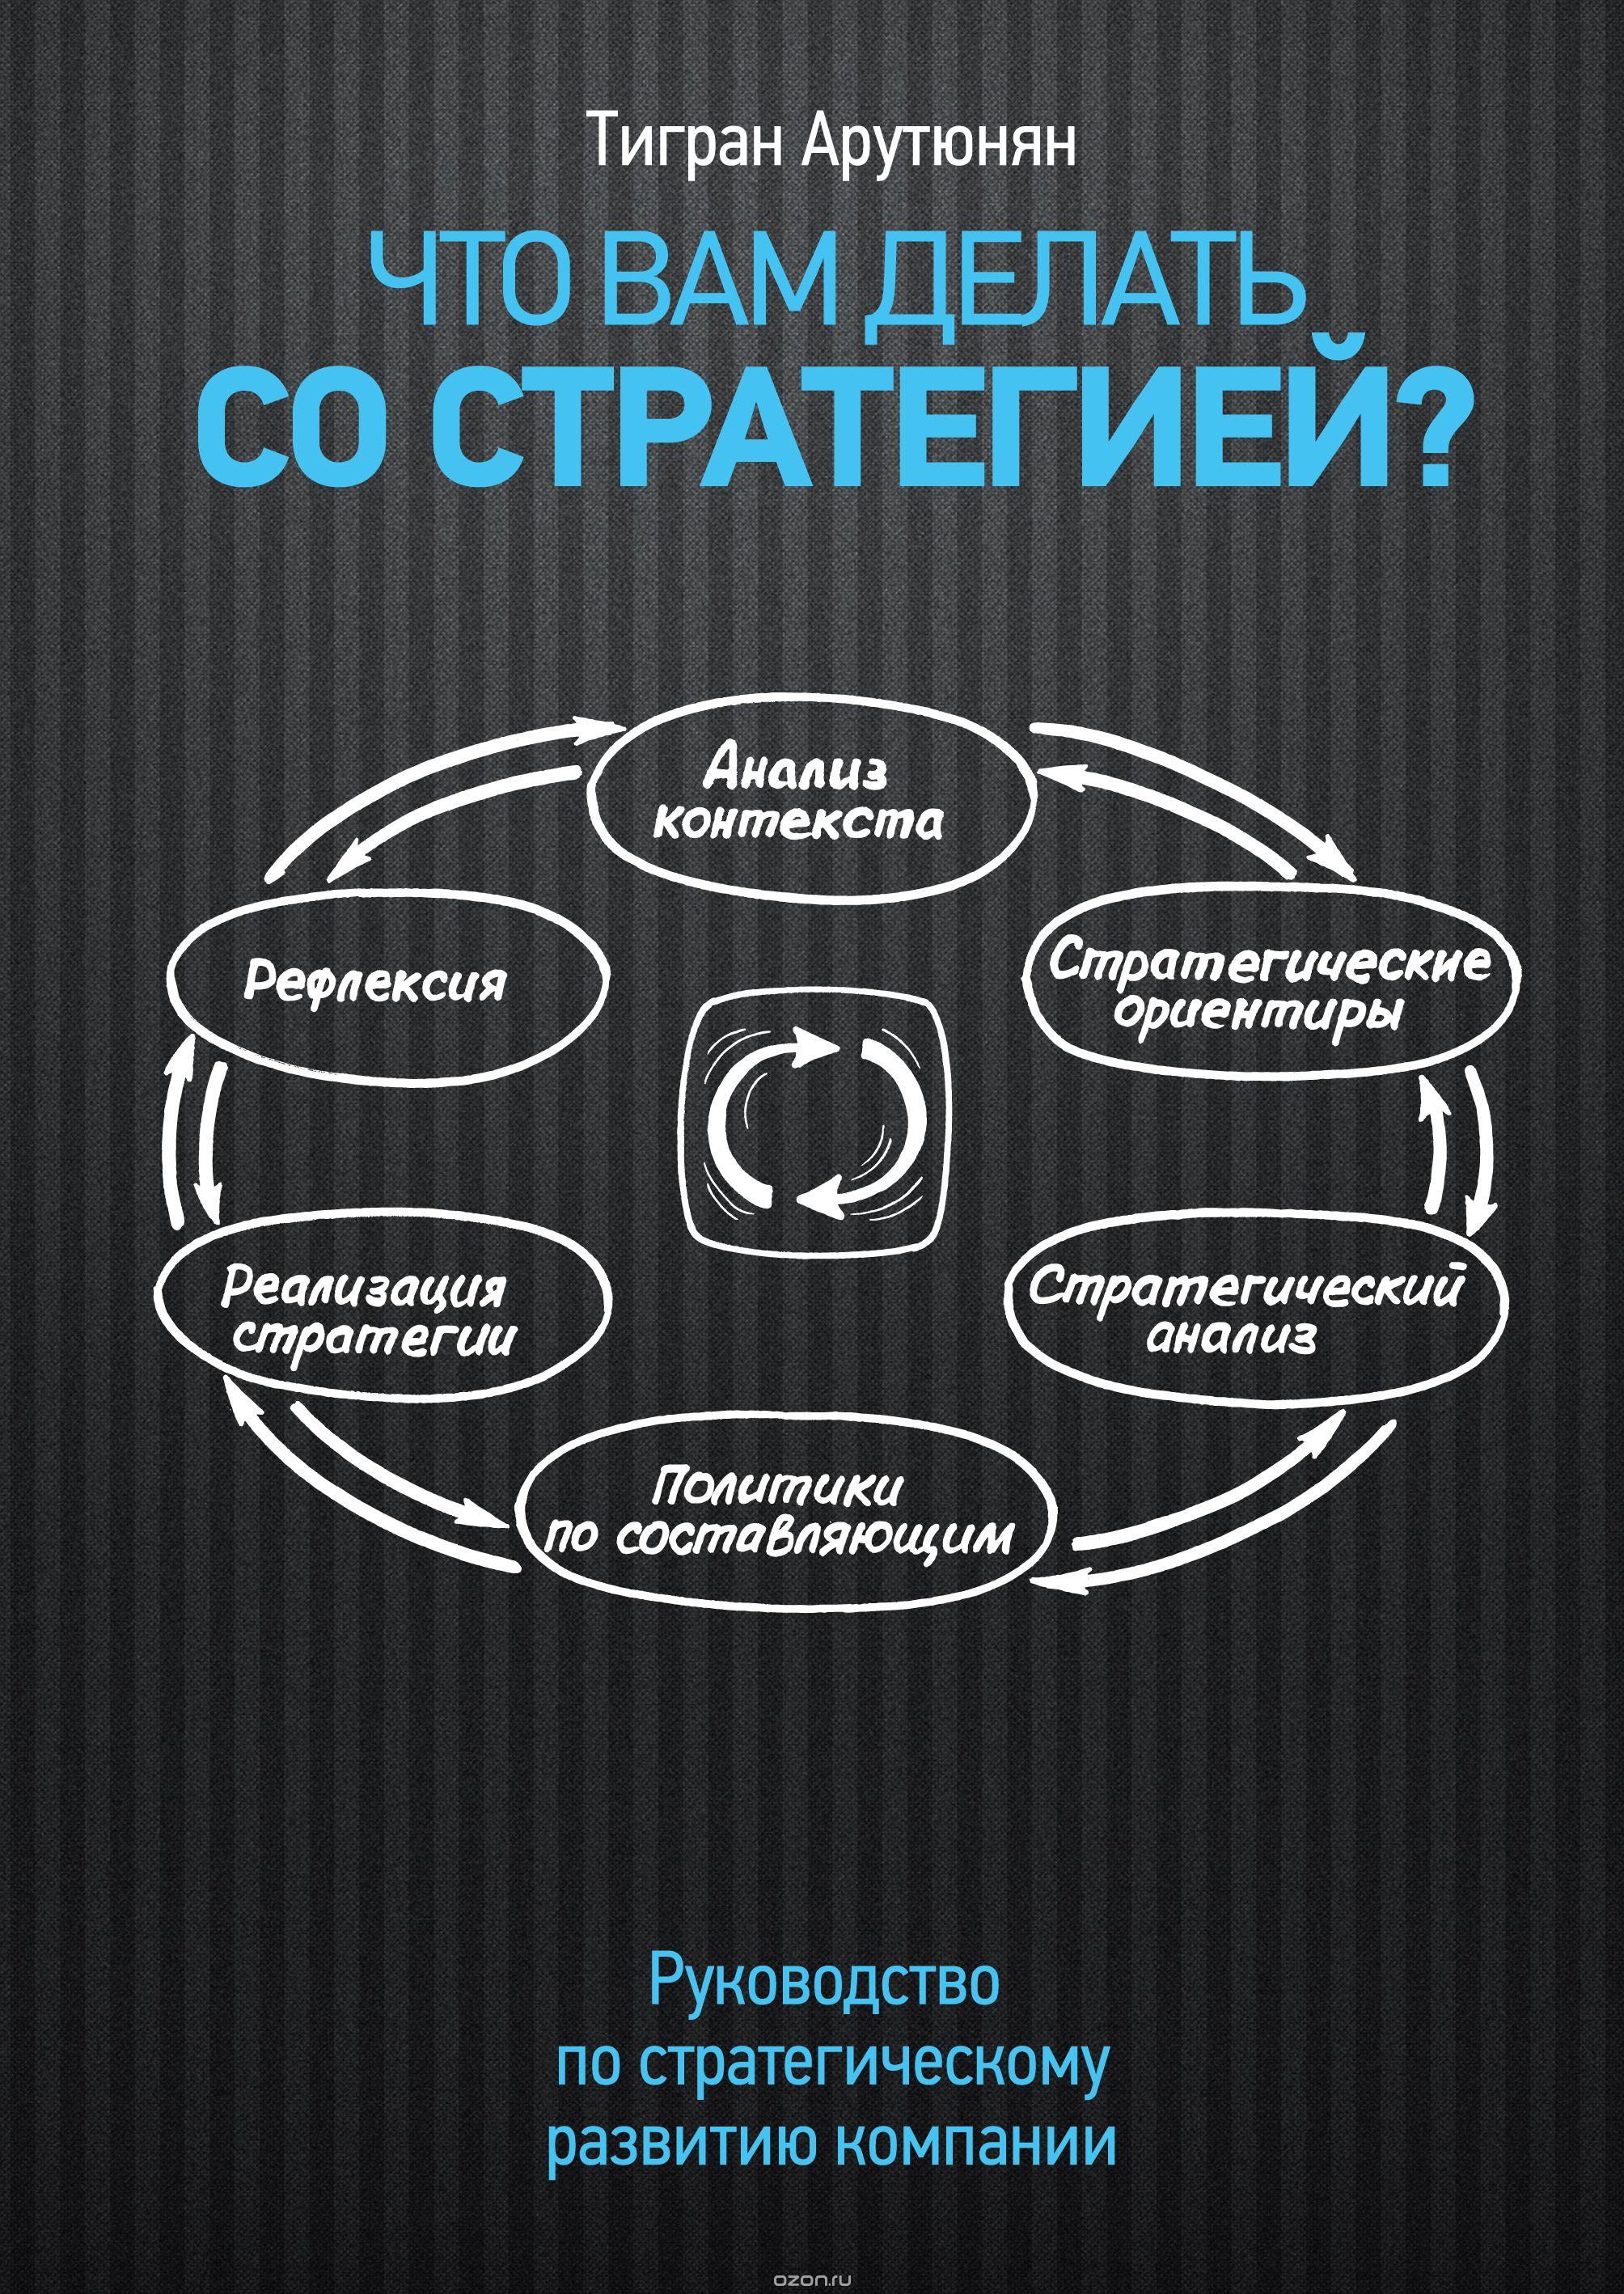 Что вам делать со стратегией руководство по стратегическому развитию компании